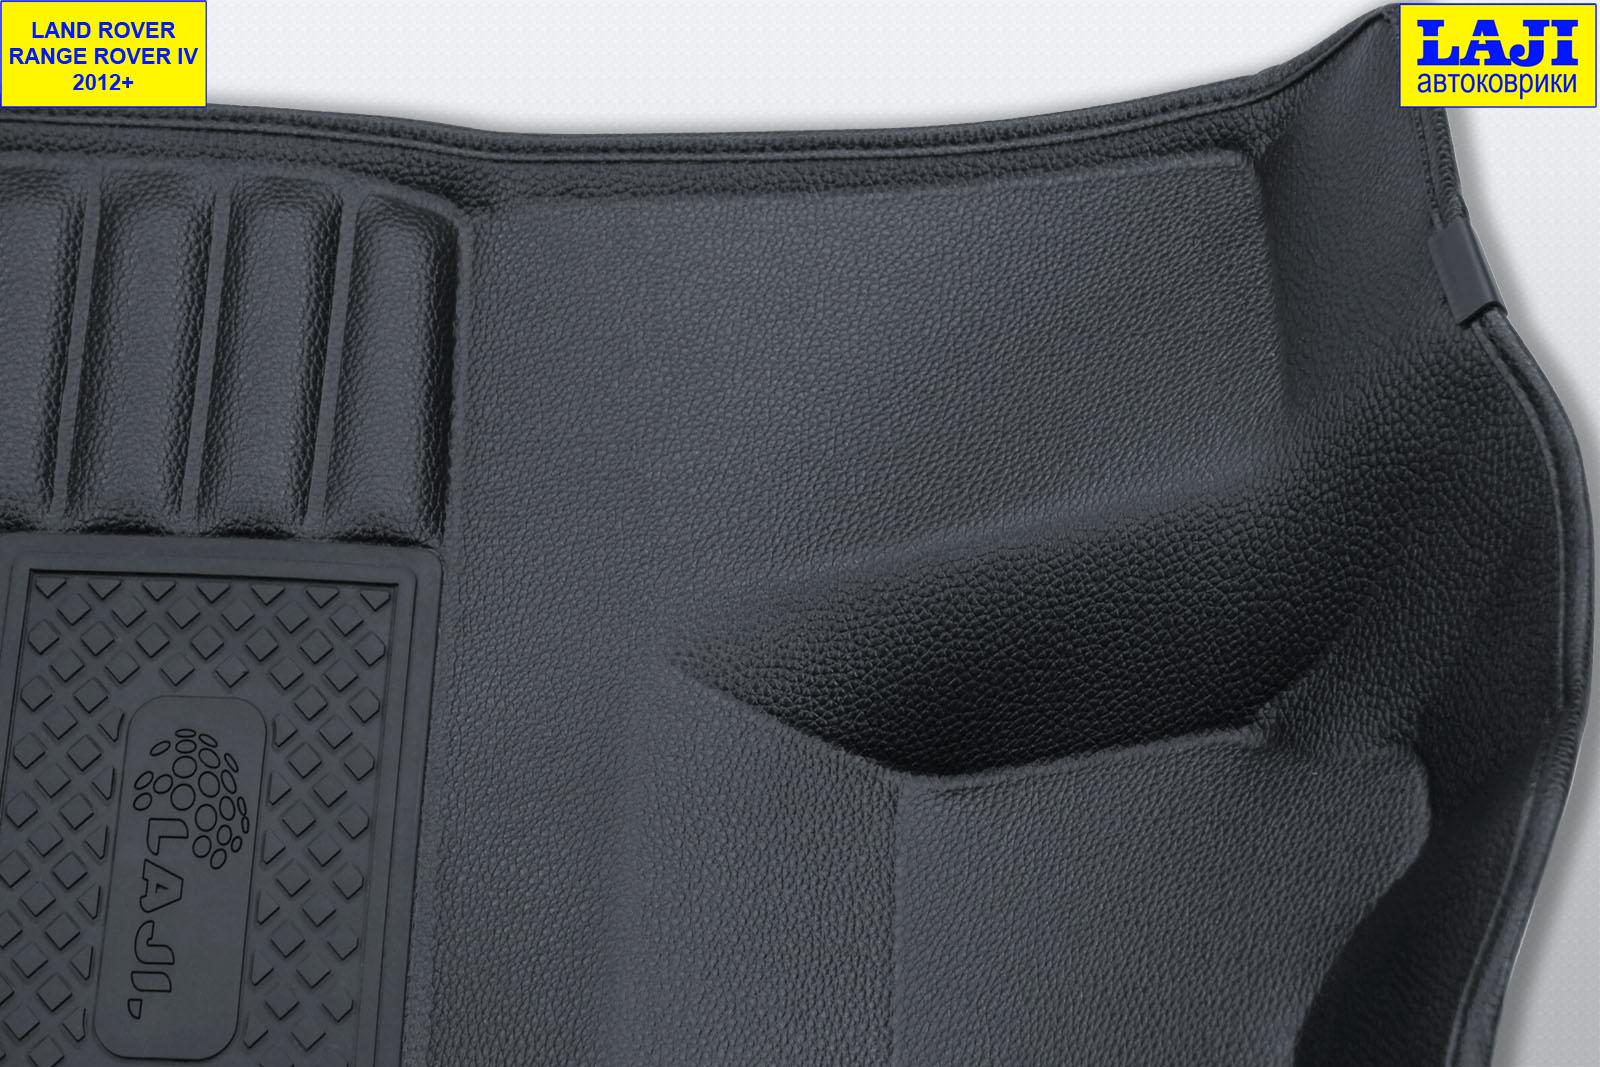 5D коврики в салон Range Rover 4 2012-н.в. 6